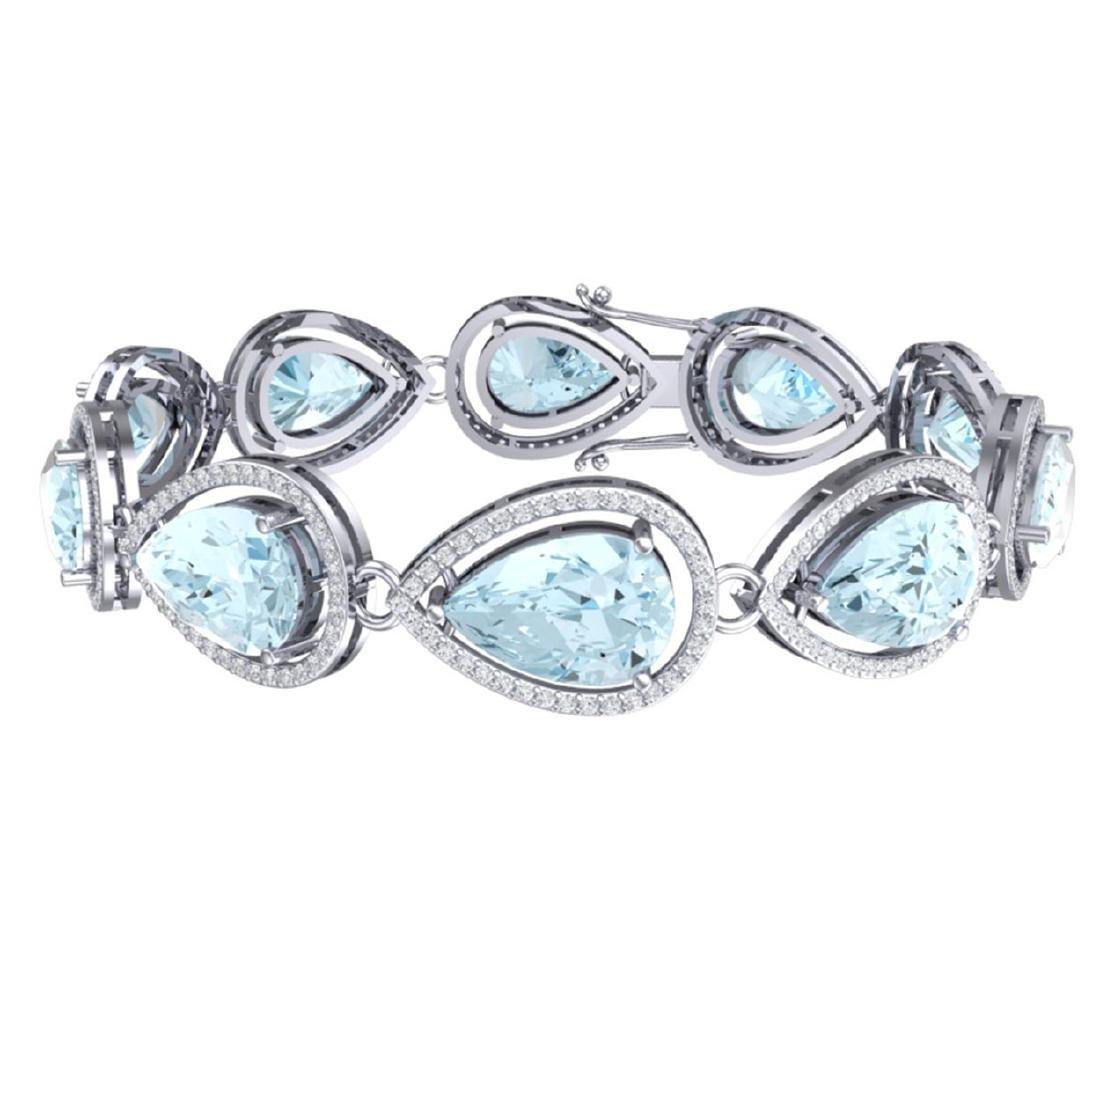 25.53 ctw Sky Topaz & VS Diamond Bracelet 18K White - 3